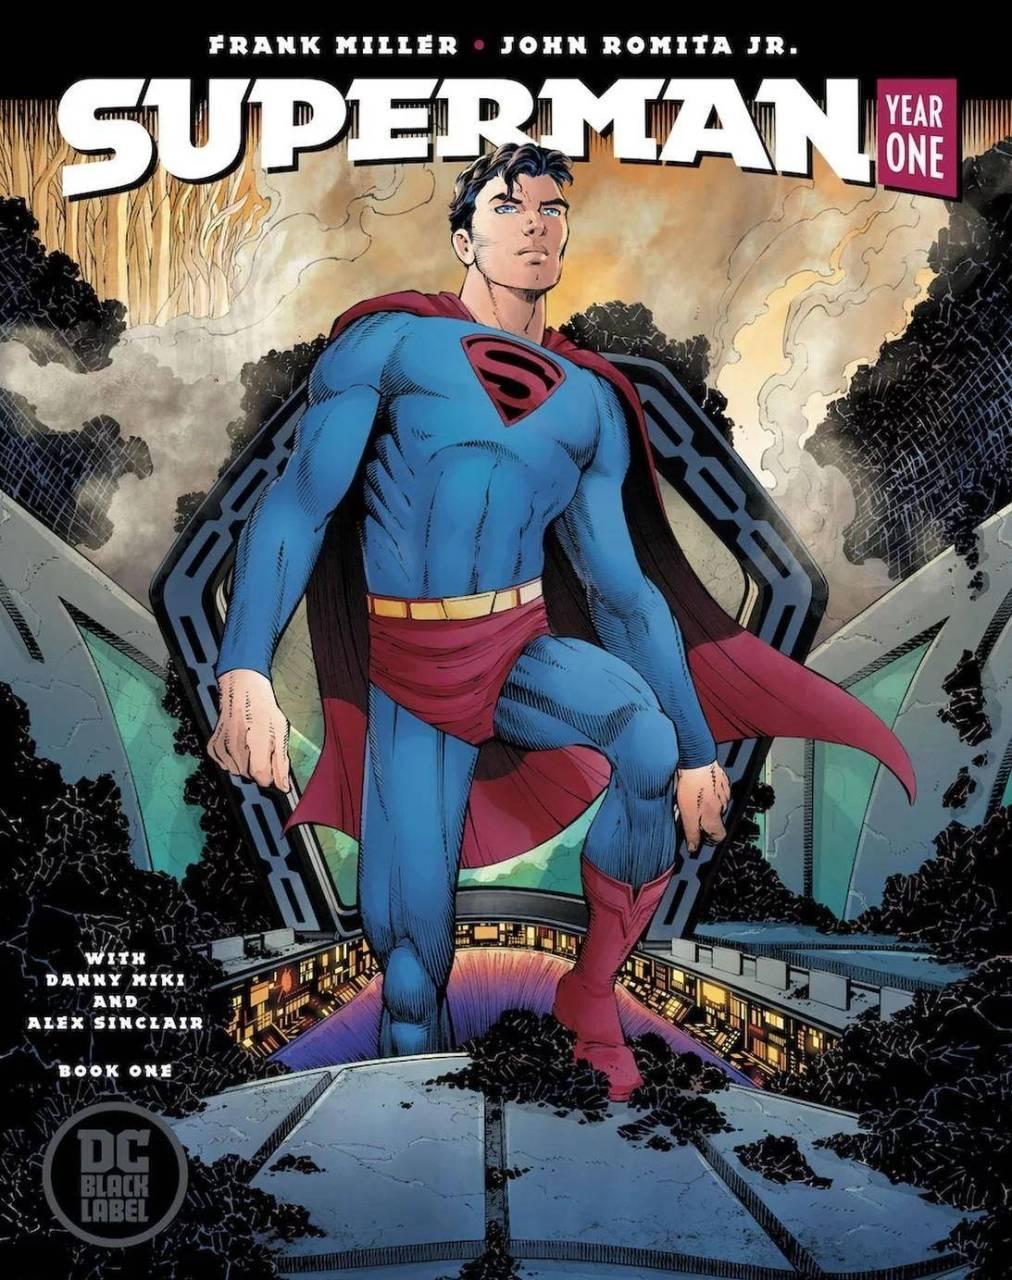 Superman Año Uno (2019)